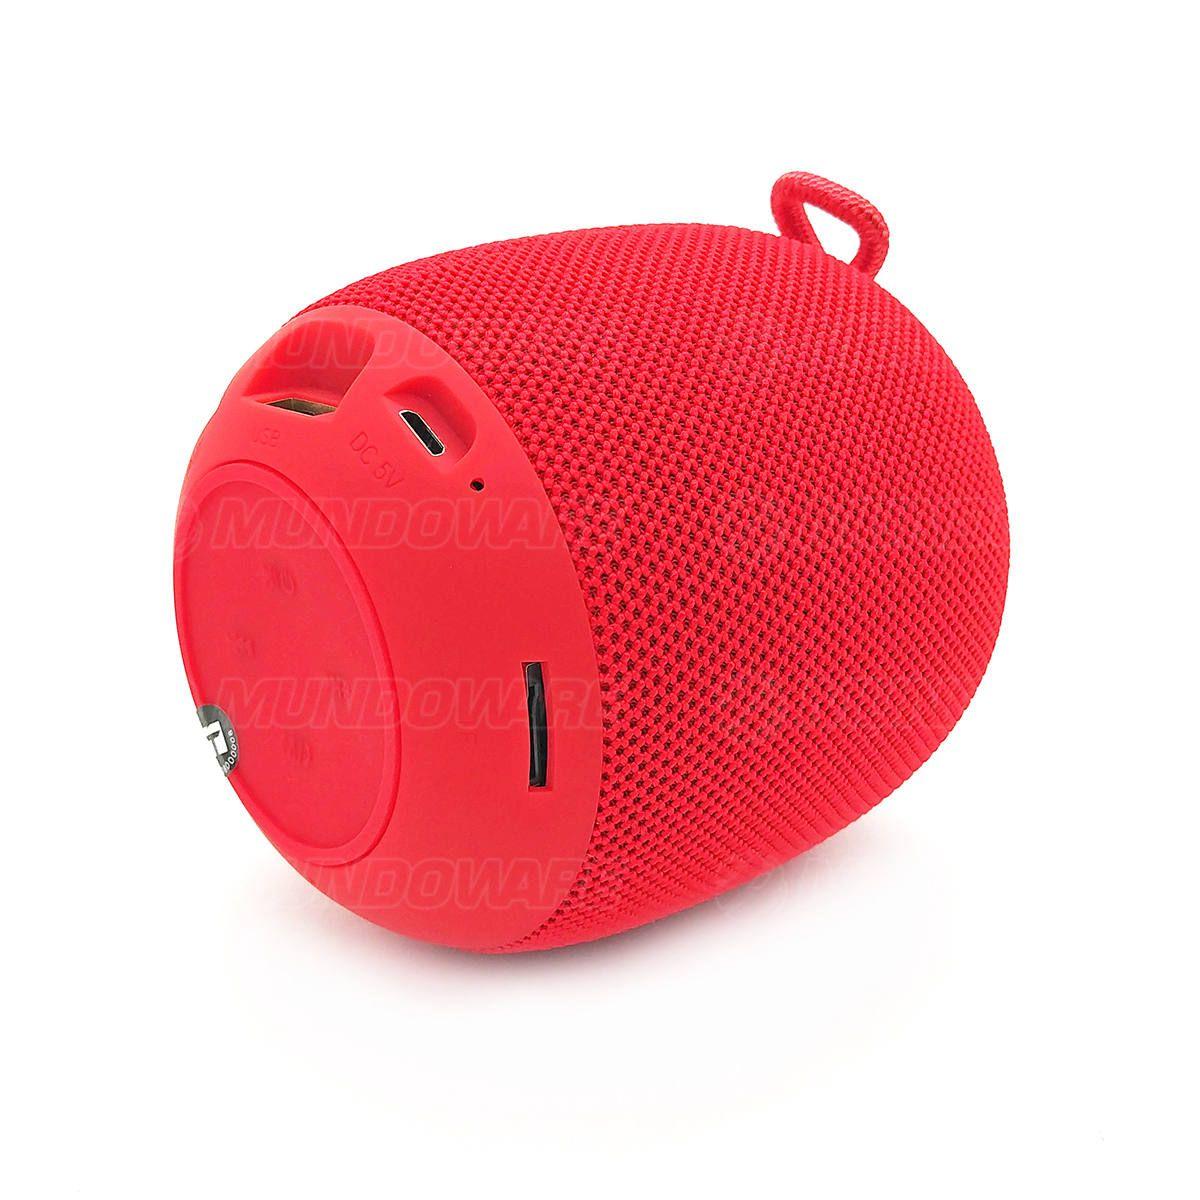 Caixa de Som Portátil 3W Bluetooth 4.2 Entrada USB Micro SD Auxiliar P2 Rádio Função Atende Telefone Exbom CS-M26BT Vermelha